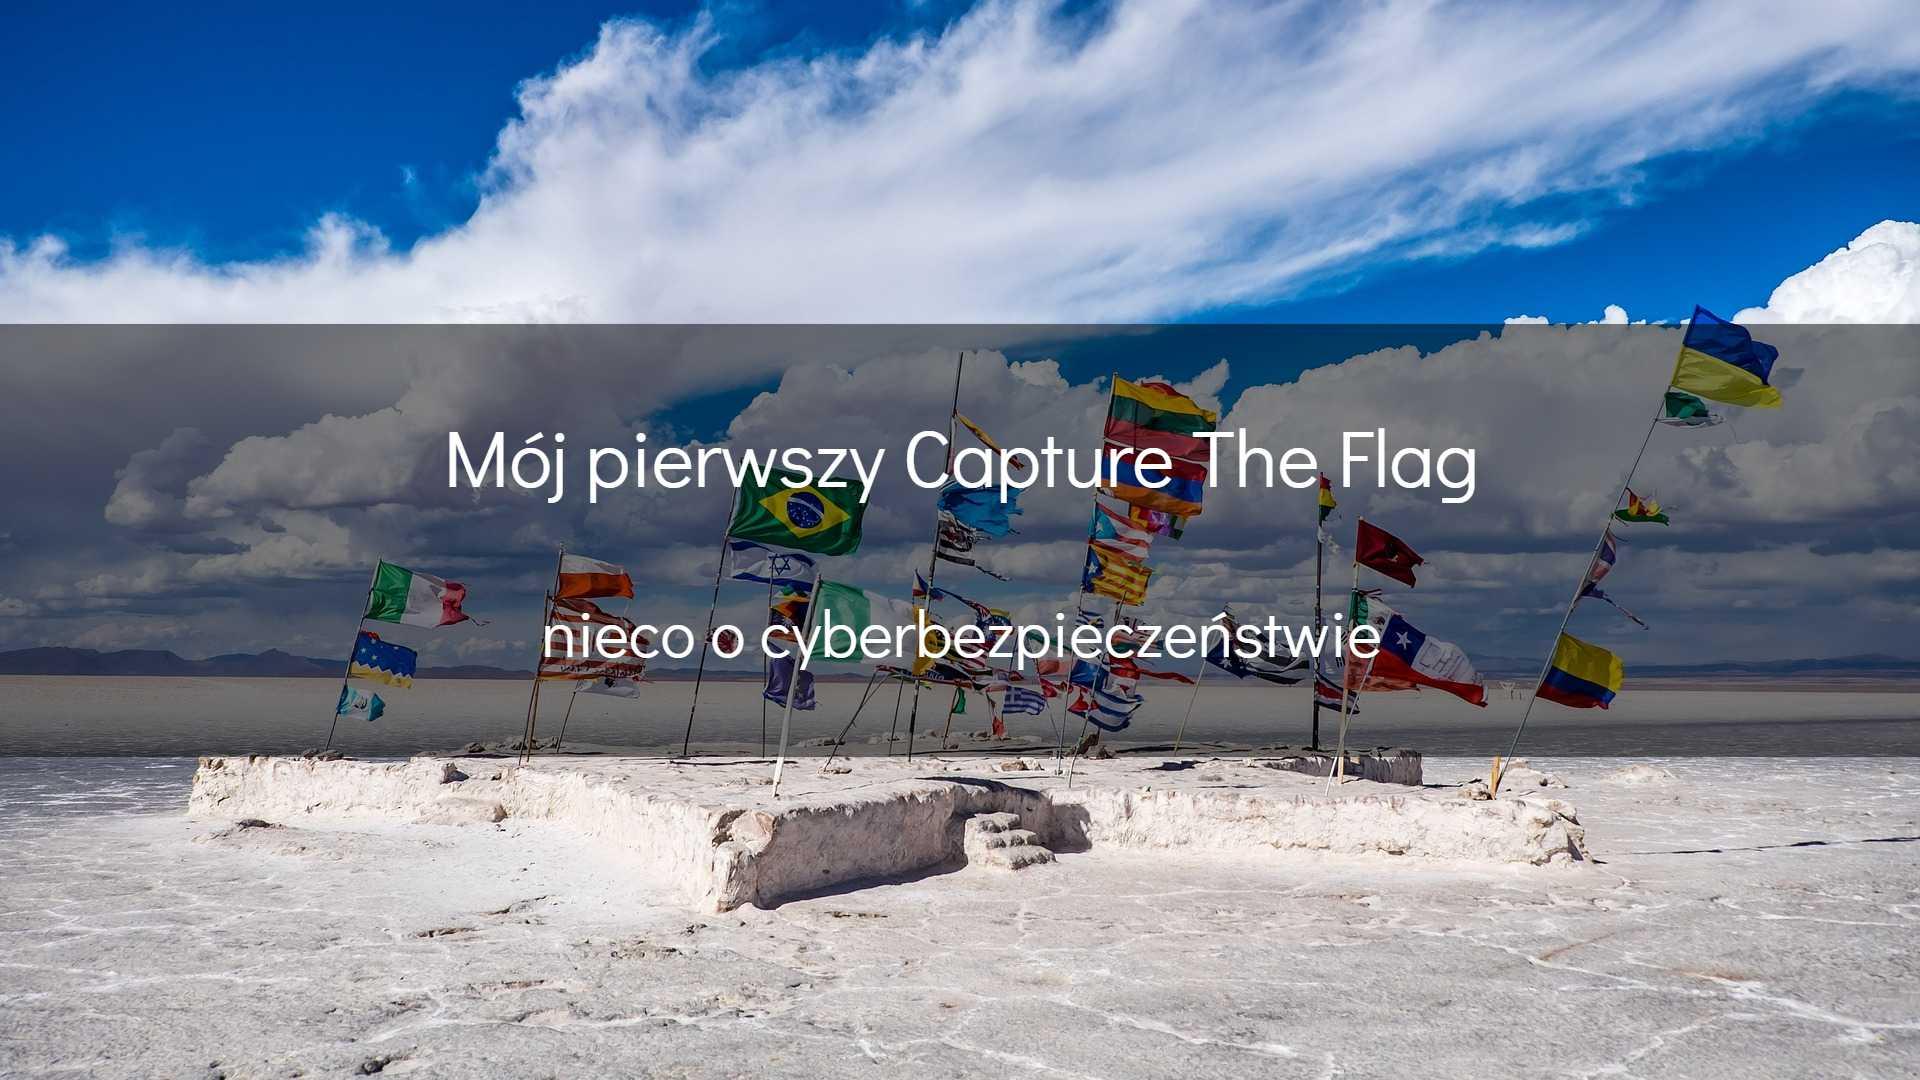 Mójpierwszy Capture The Flag